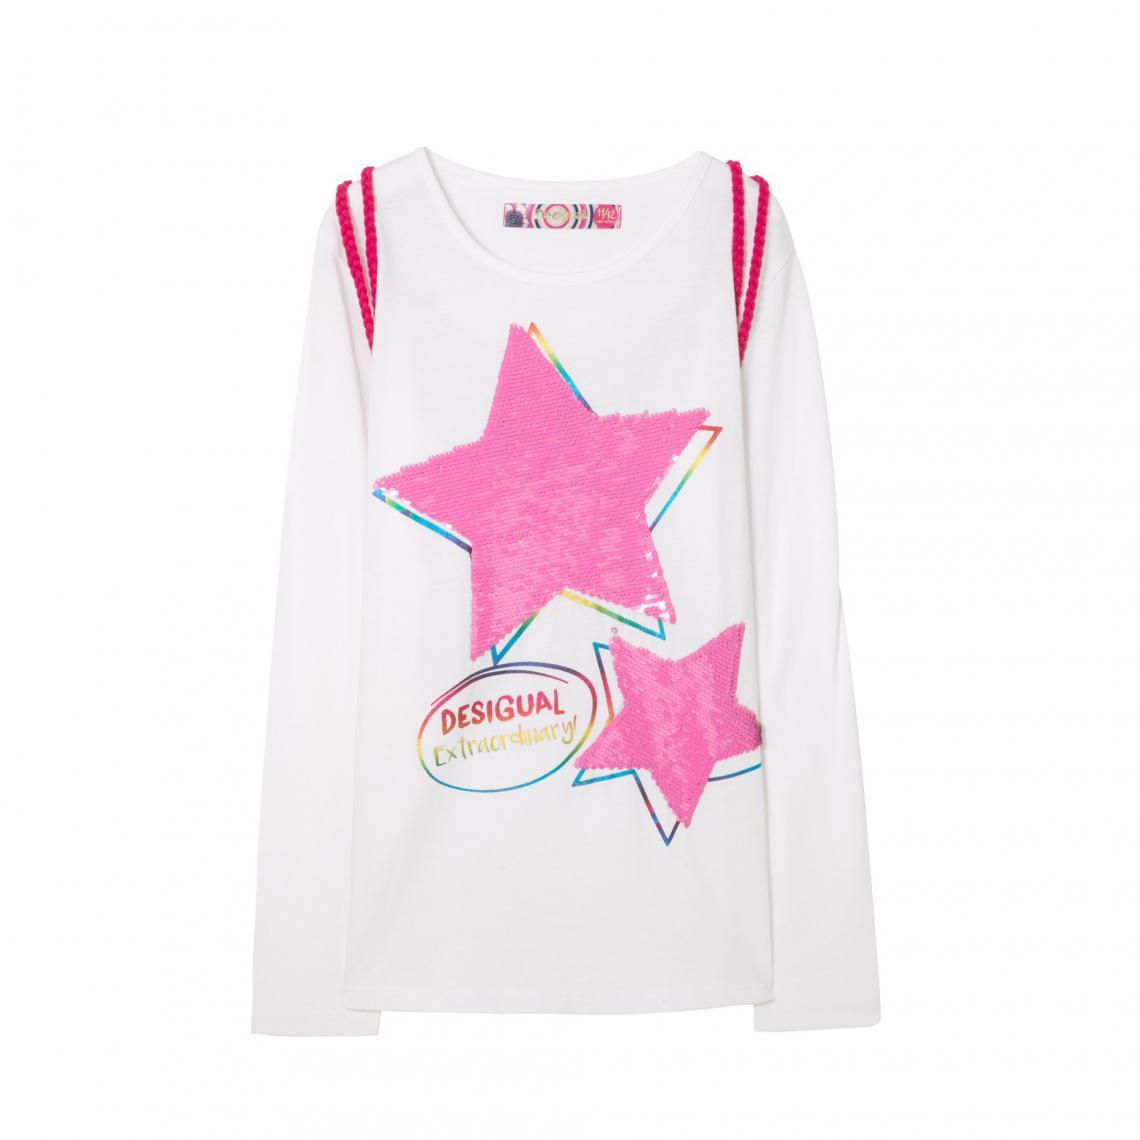 80b7718c9873a Tee-shirt manches longues motif réversible en sequins + sac fille Desigual  - Blanc Desigual